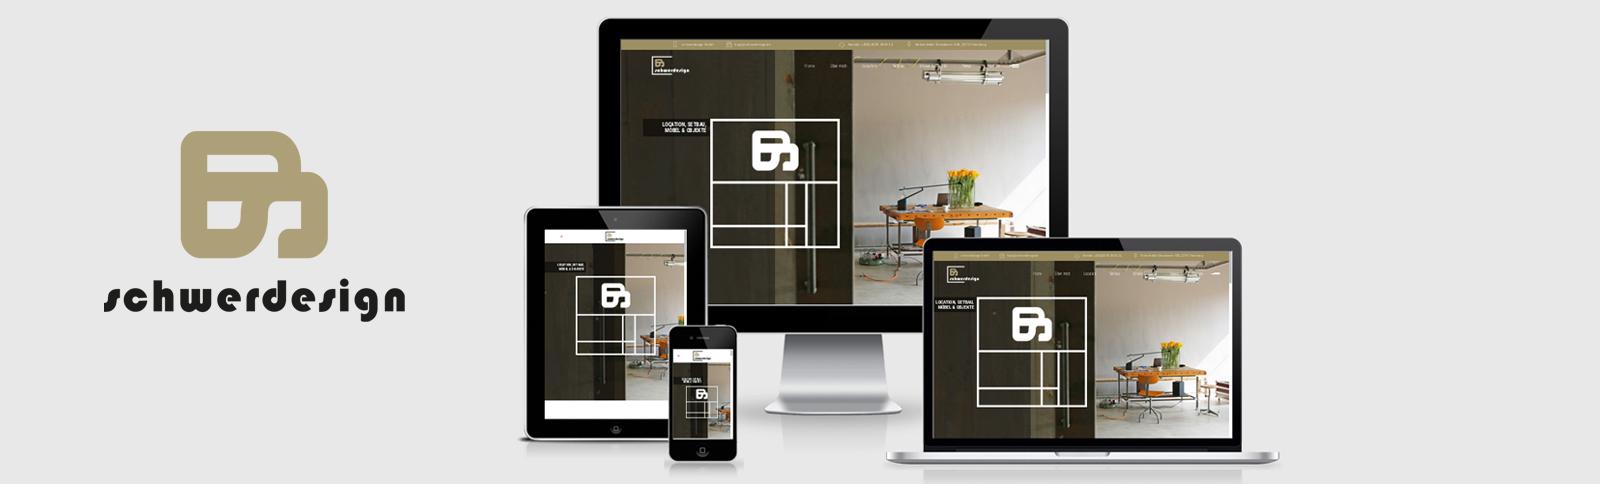 Homepage schwerdesign GmbH